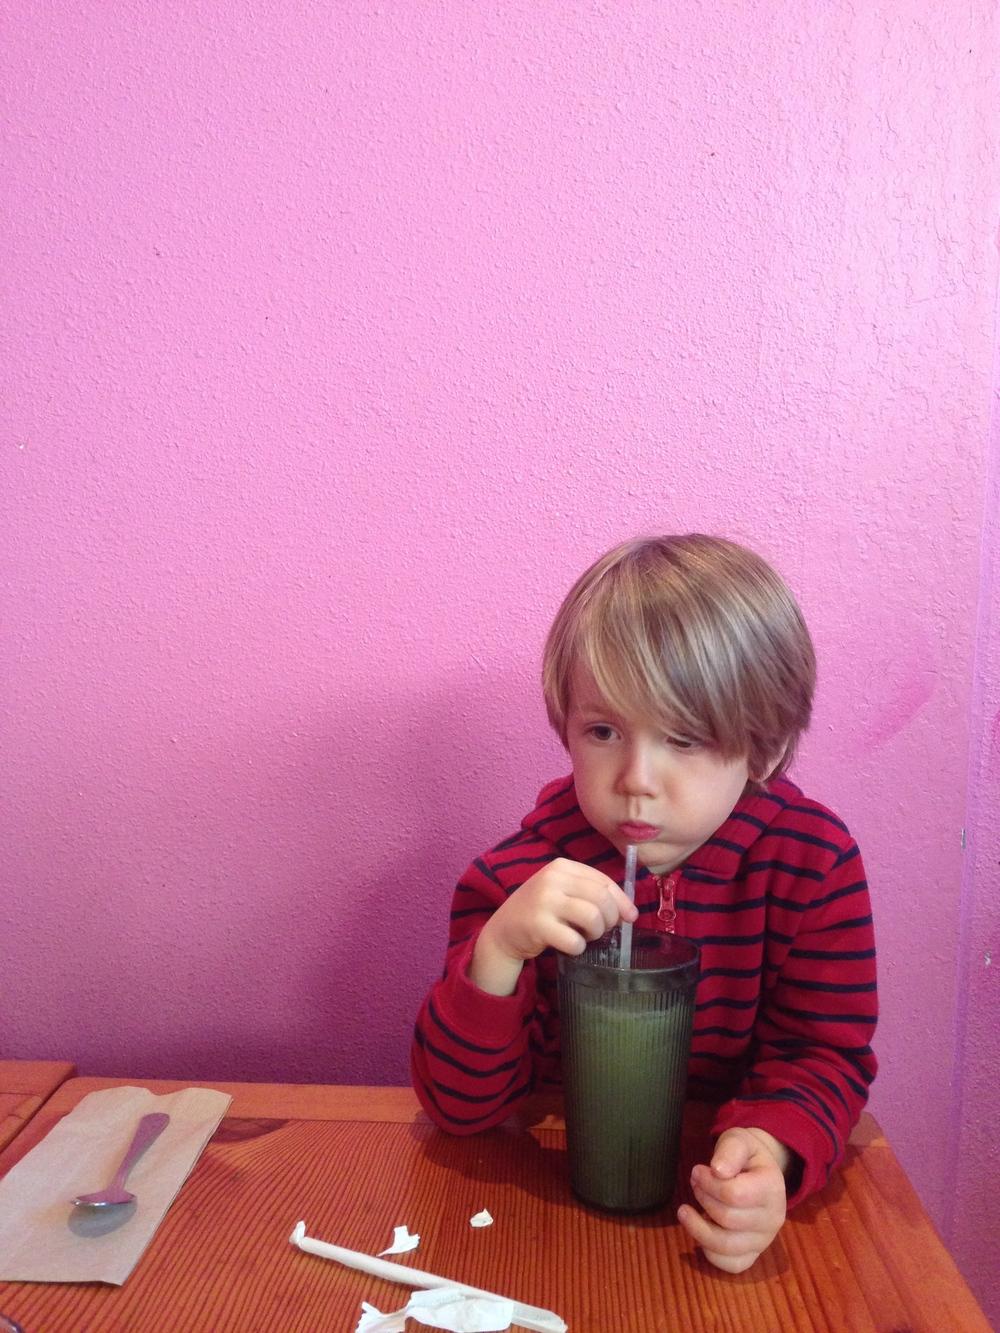 Eero at his favorite taqueria.